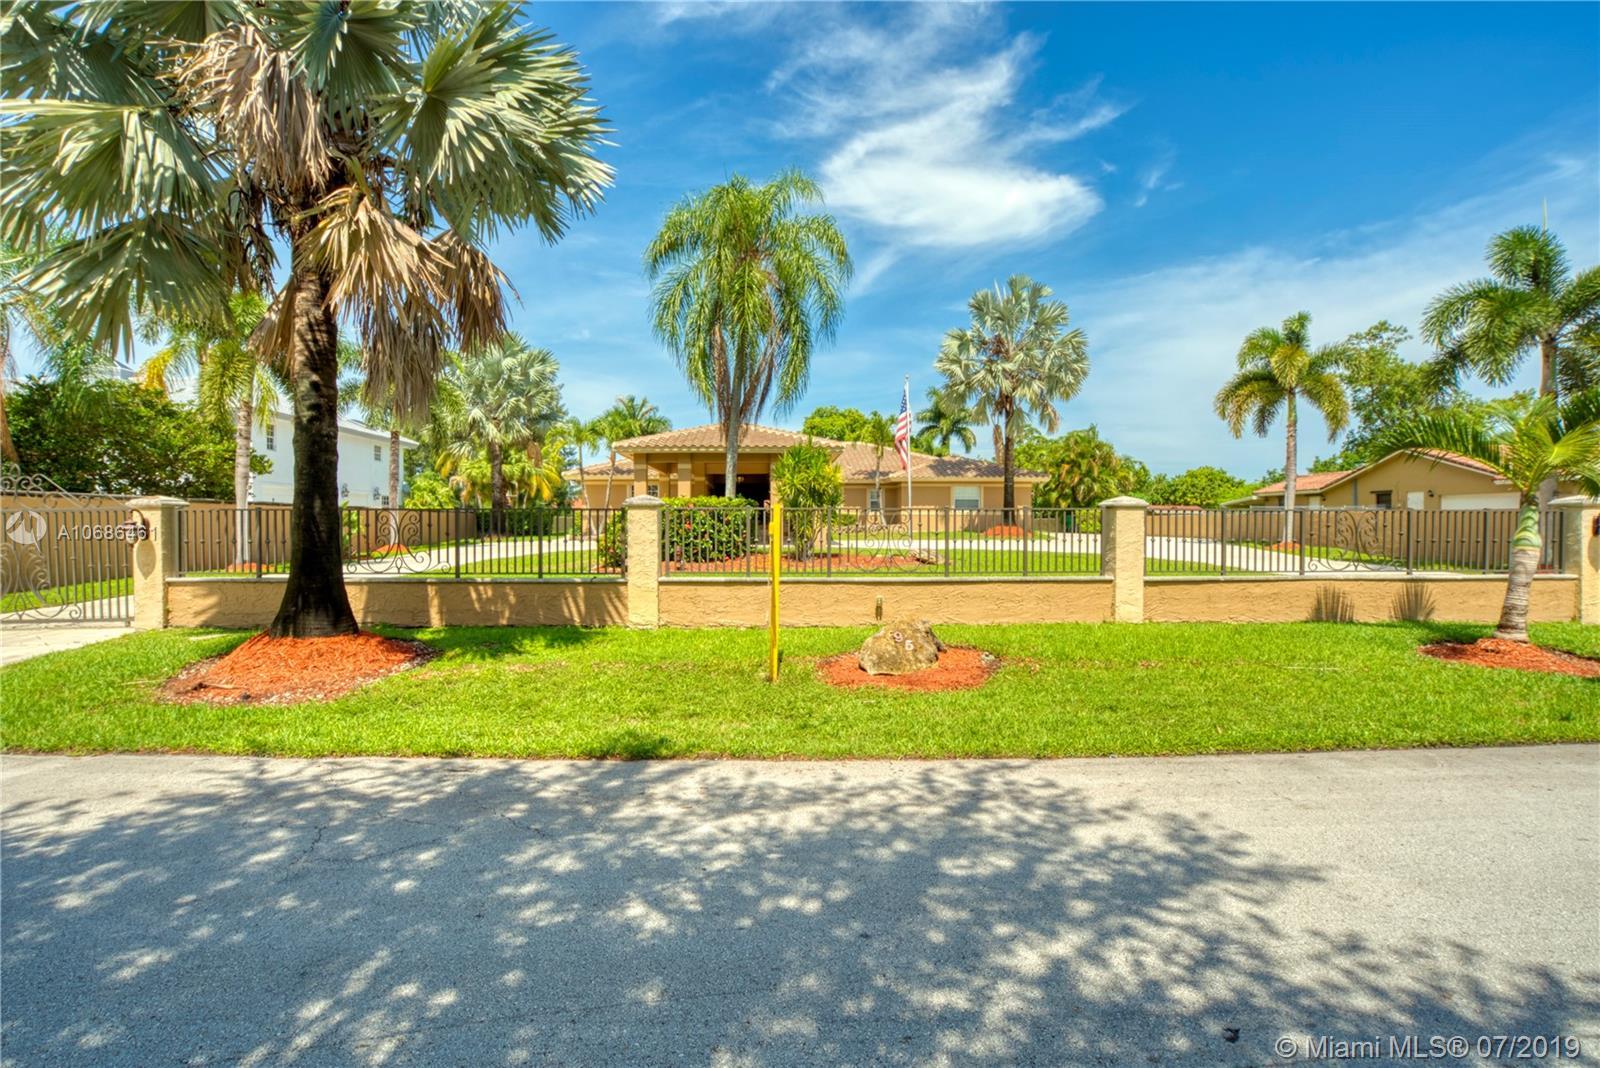 95 SW 124th Ave, Miami, FL 33184